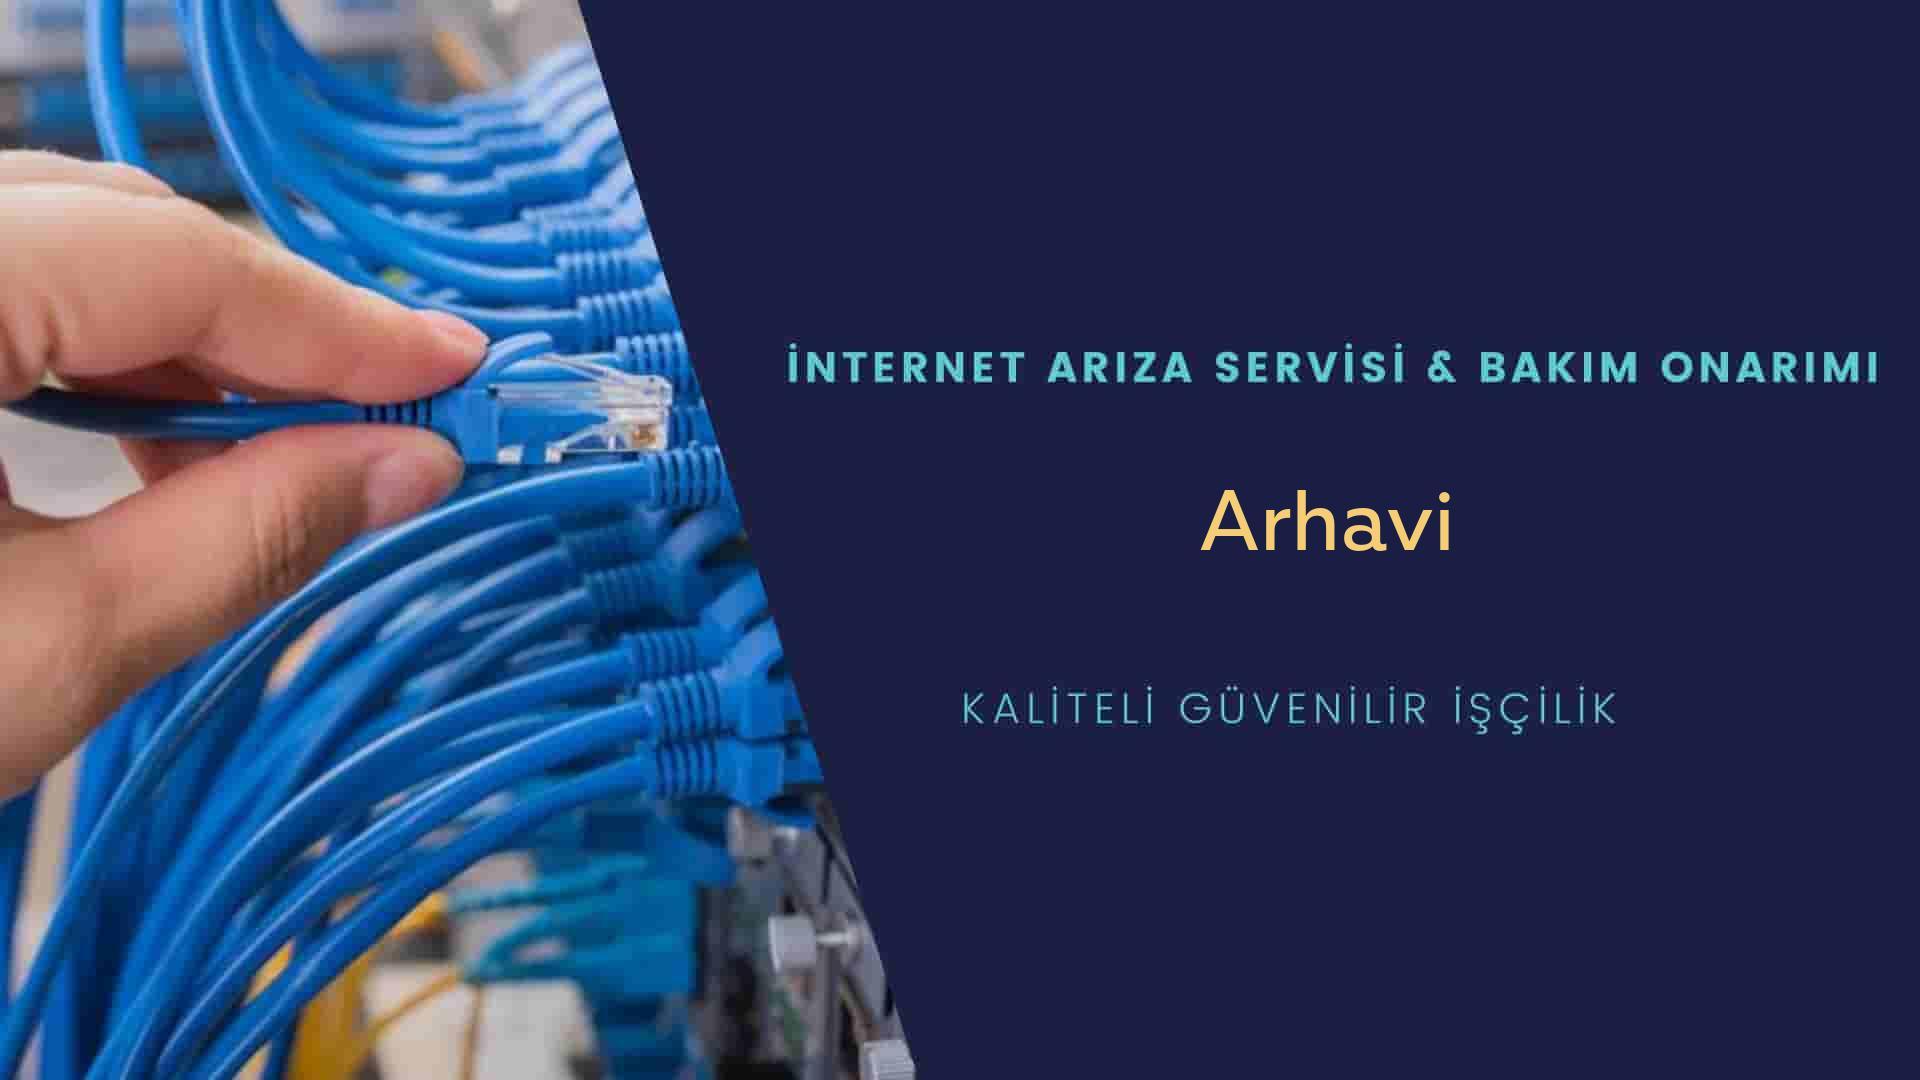 Arhavi internet kablosu çekimi yapan yerler veya elektrikçiler mi? arıyorsunuz doğru yerdesiniz o zaman sizlere 7/24 yardımcı olacak profesyonel ustalarımız bir telefon kadar yakındır size.